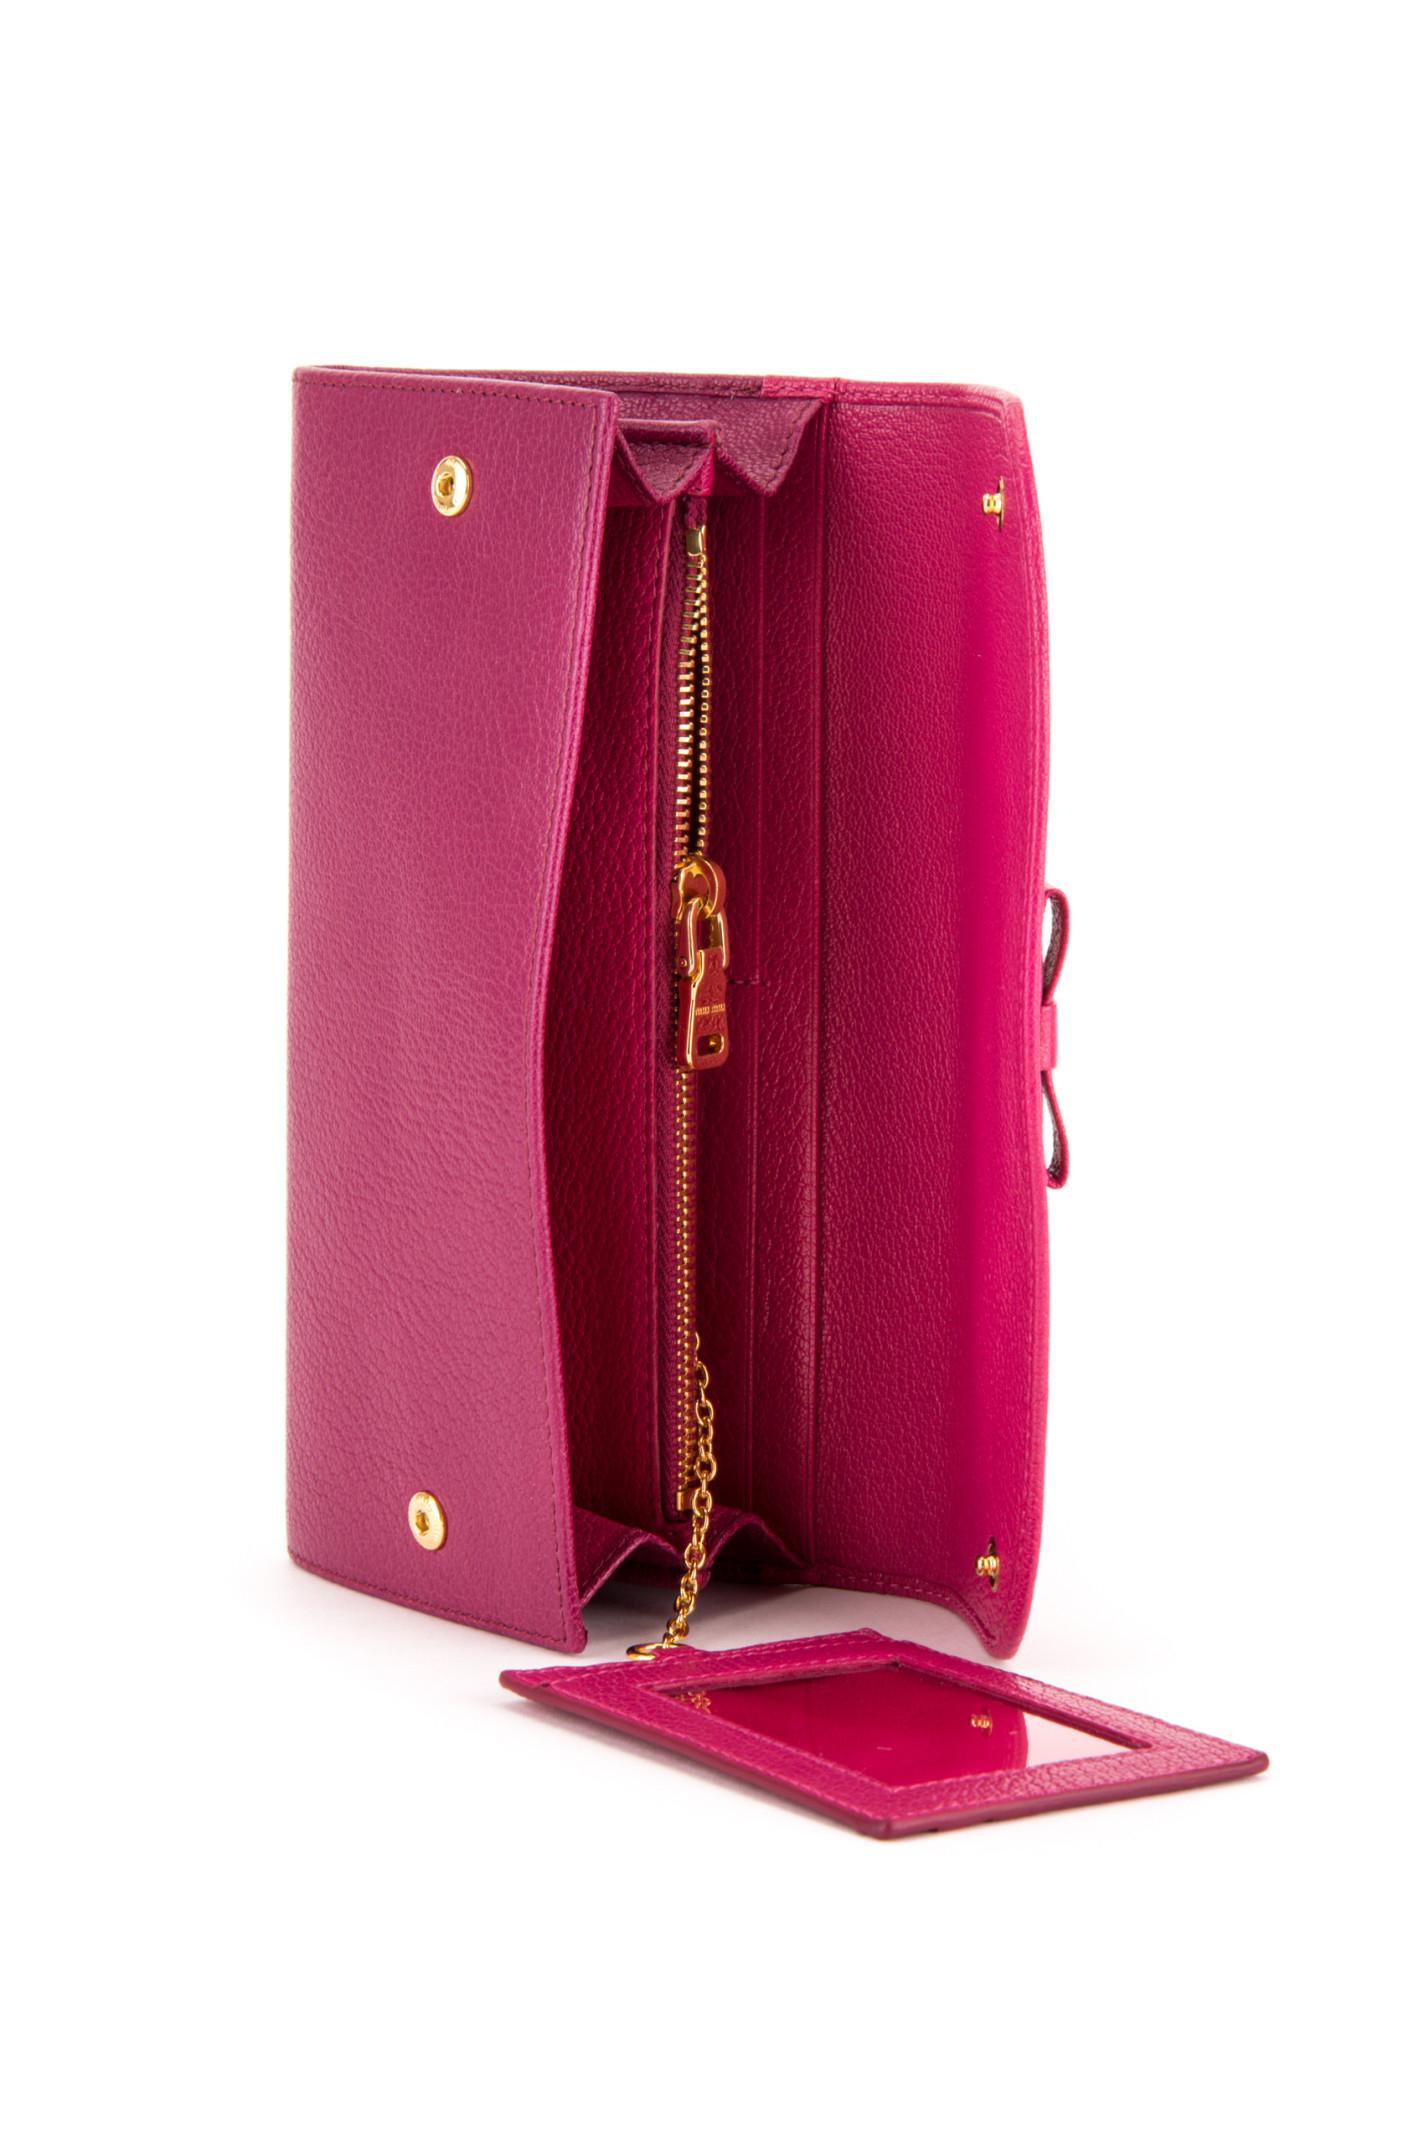 Miu miu Portafoglio Madras Bicolore Fiocco in Pink (PEONIA+ ...